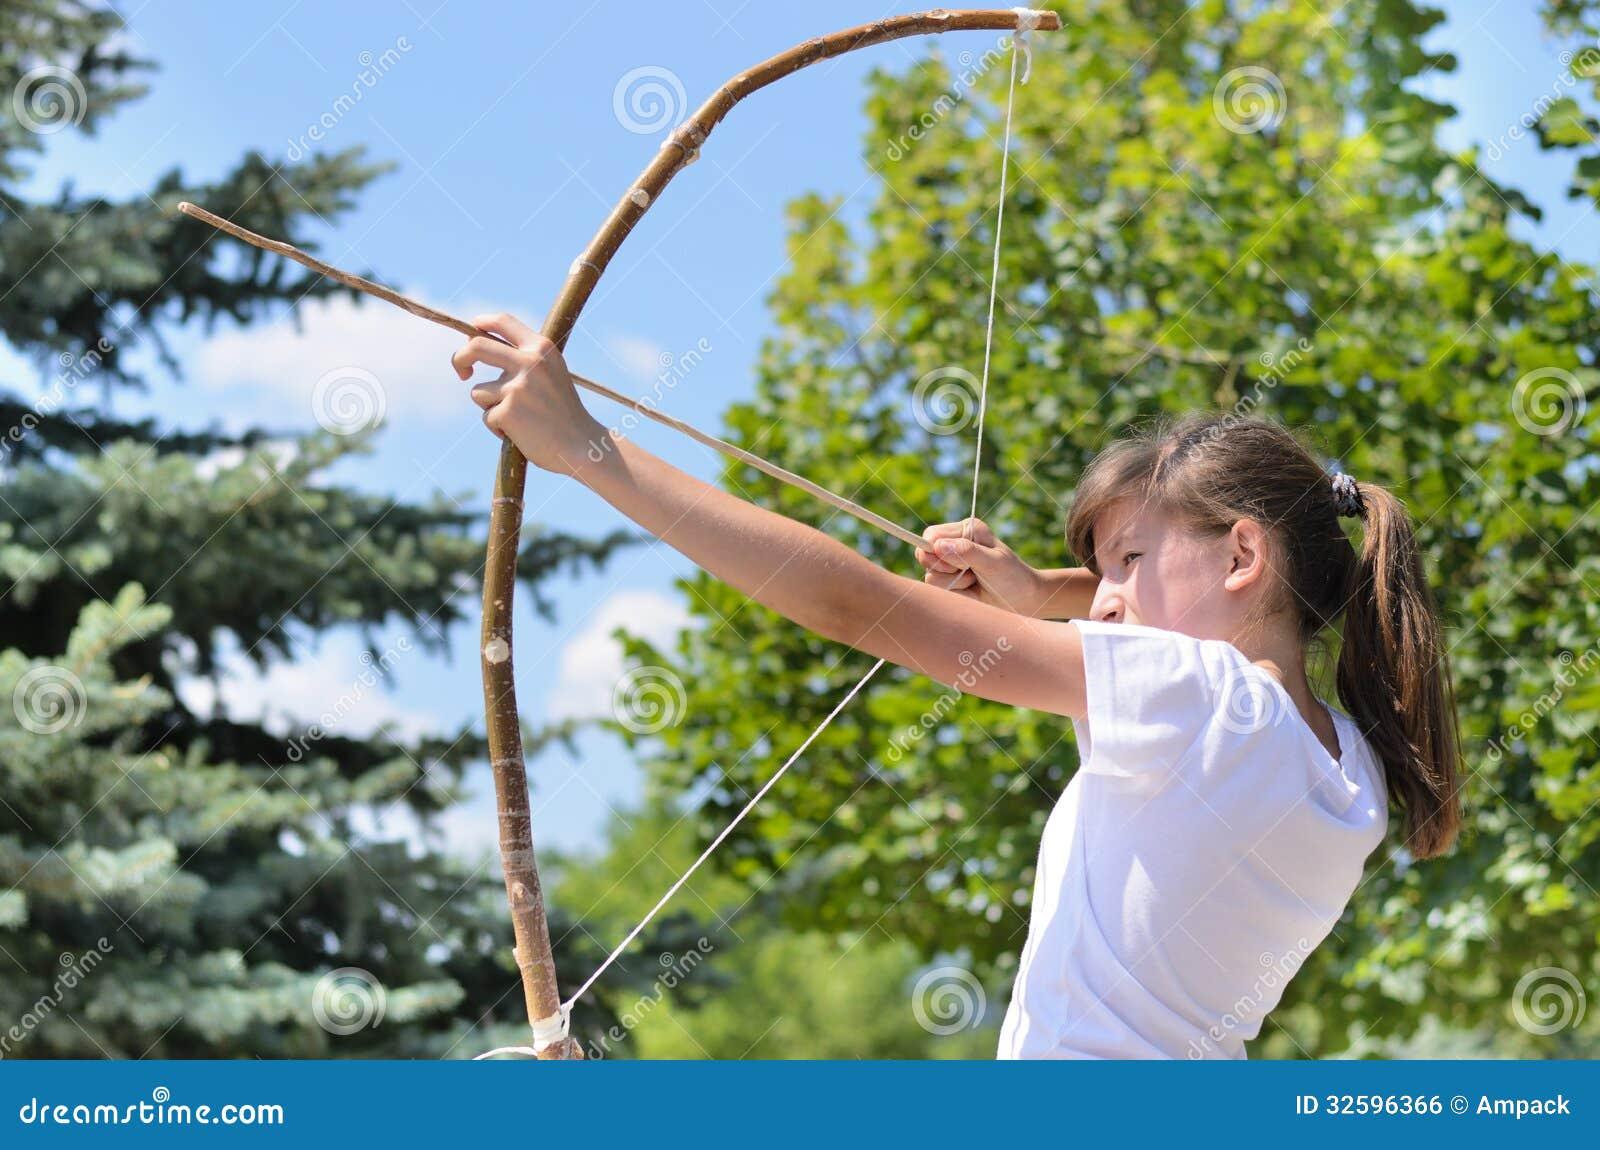 Jugendliche, die mit einem Pfeil und Bogen zielt